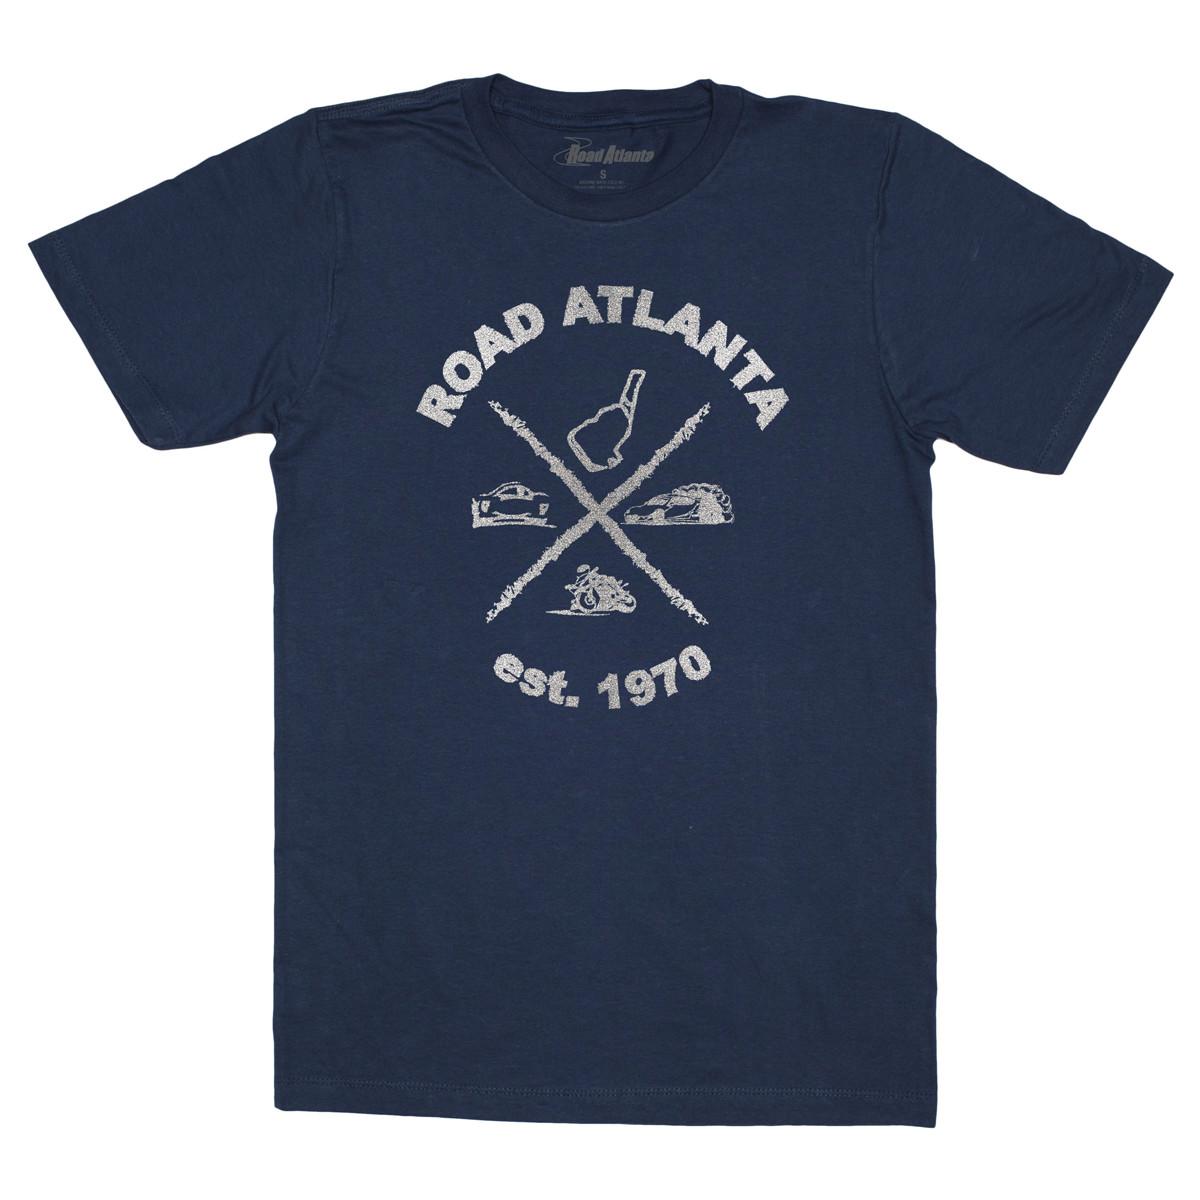 Road Atlanta All Track Tee - Navy